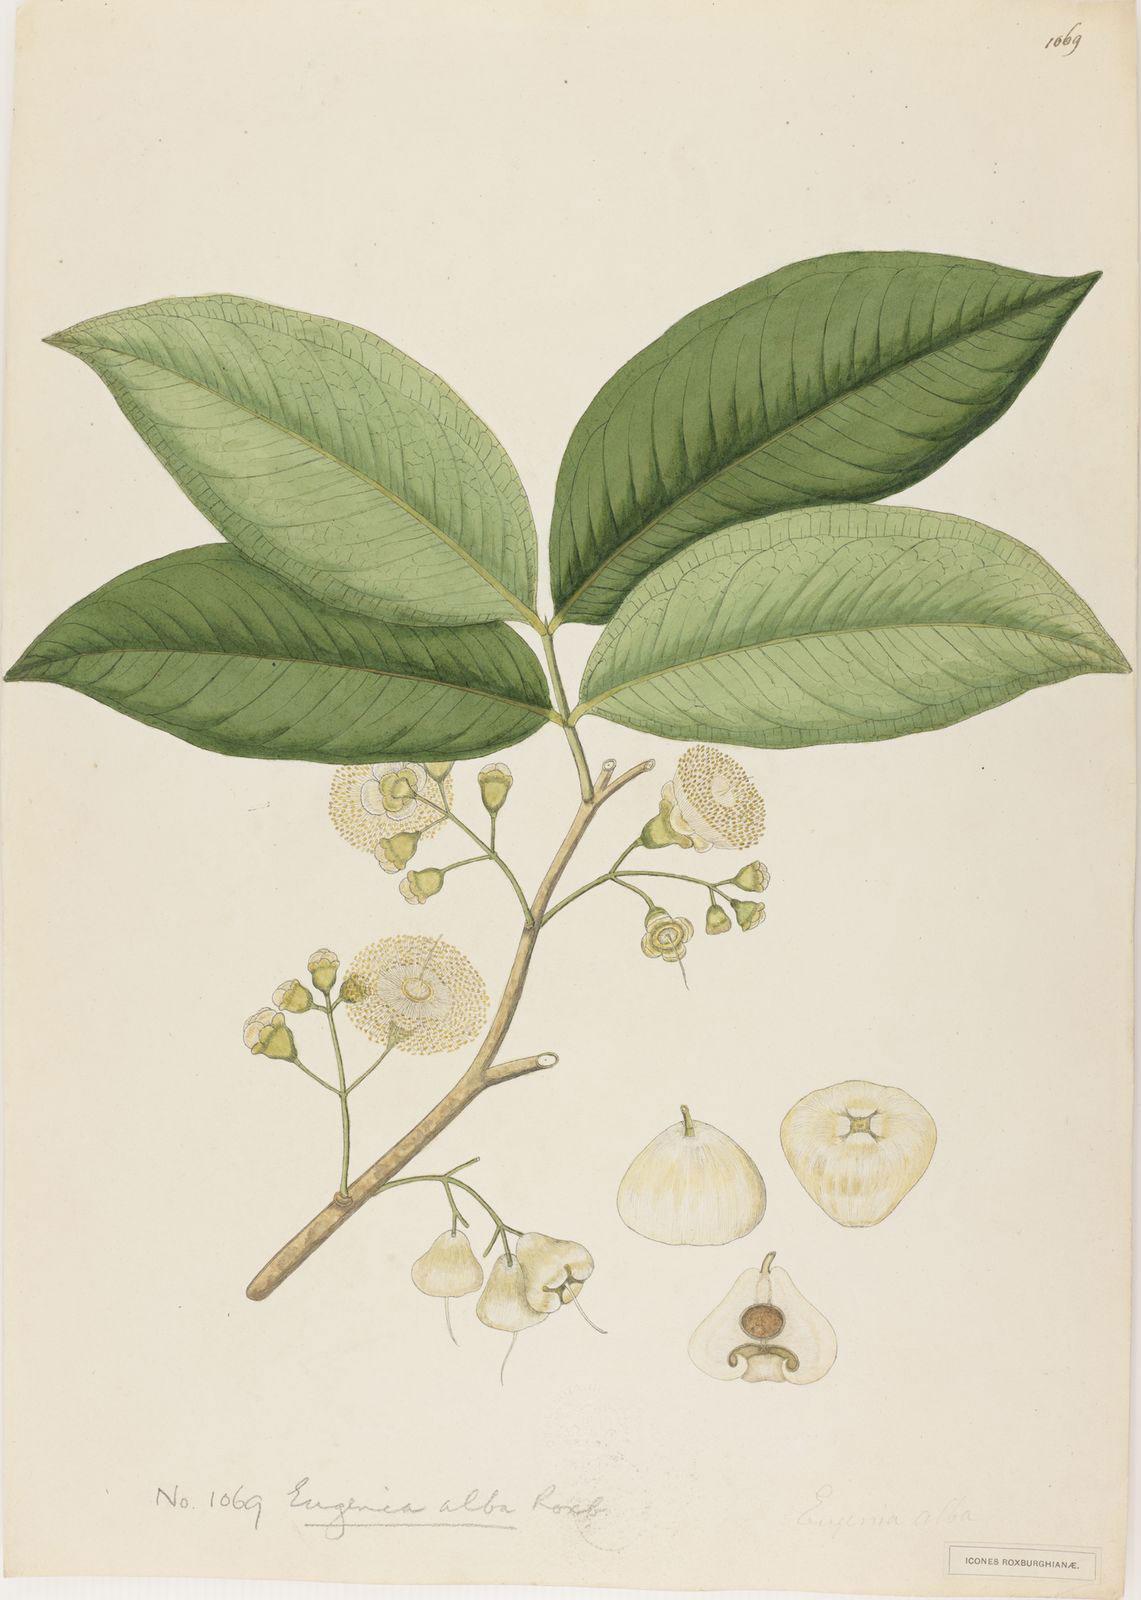 Plant-illustration-of-Java-apple